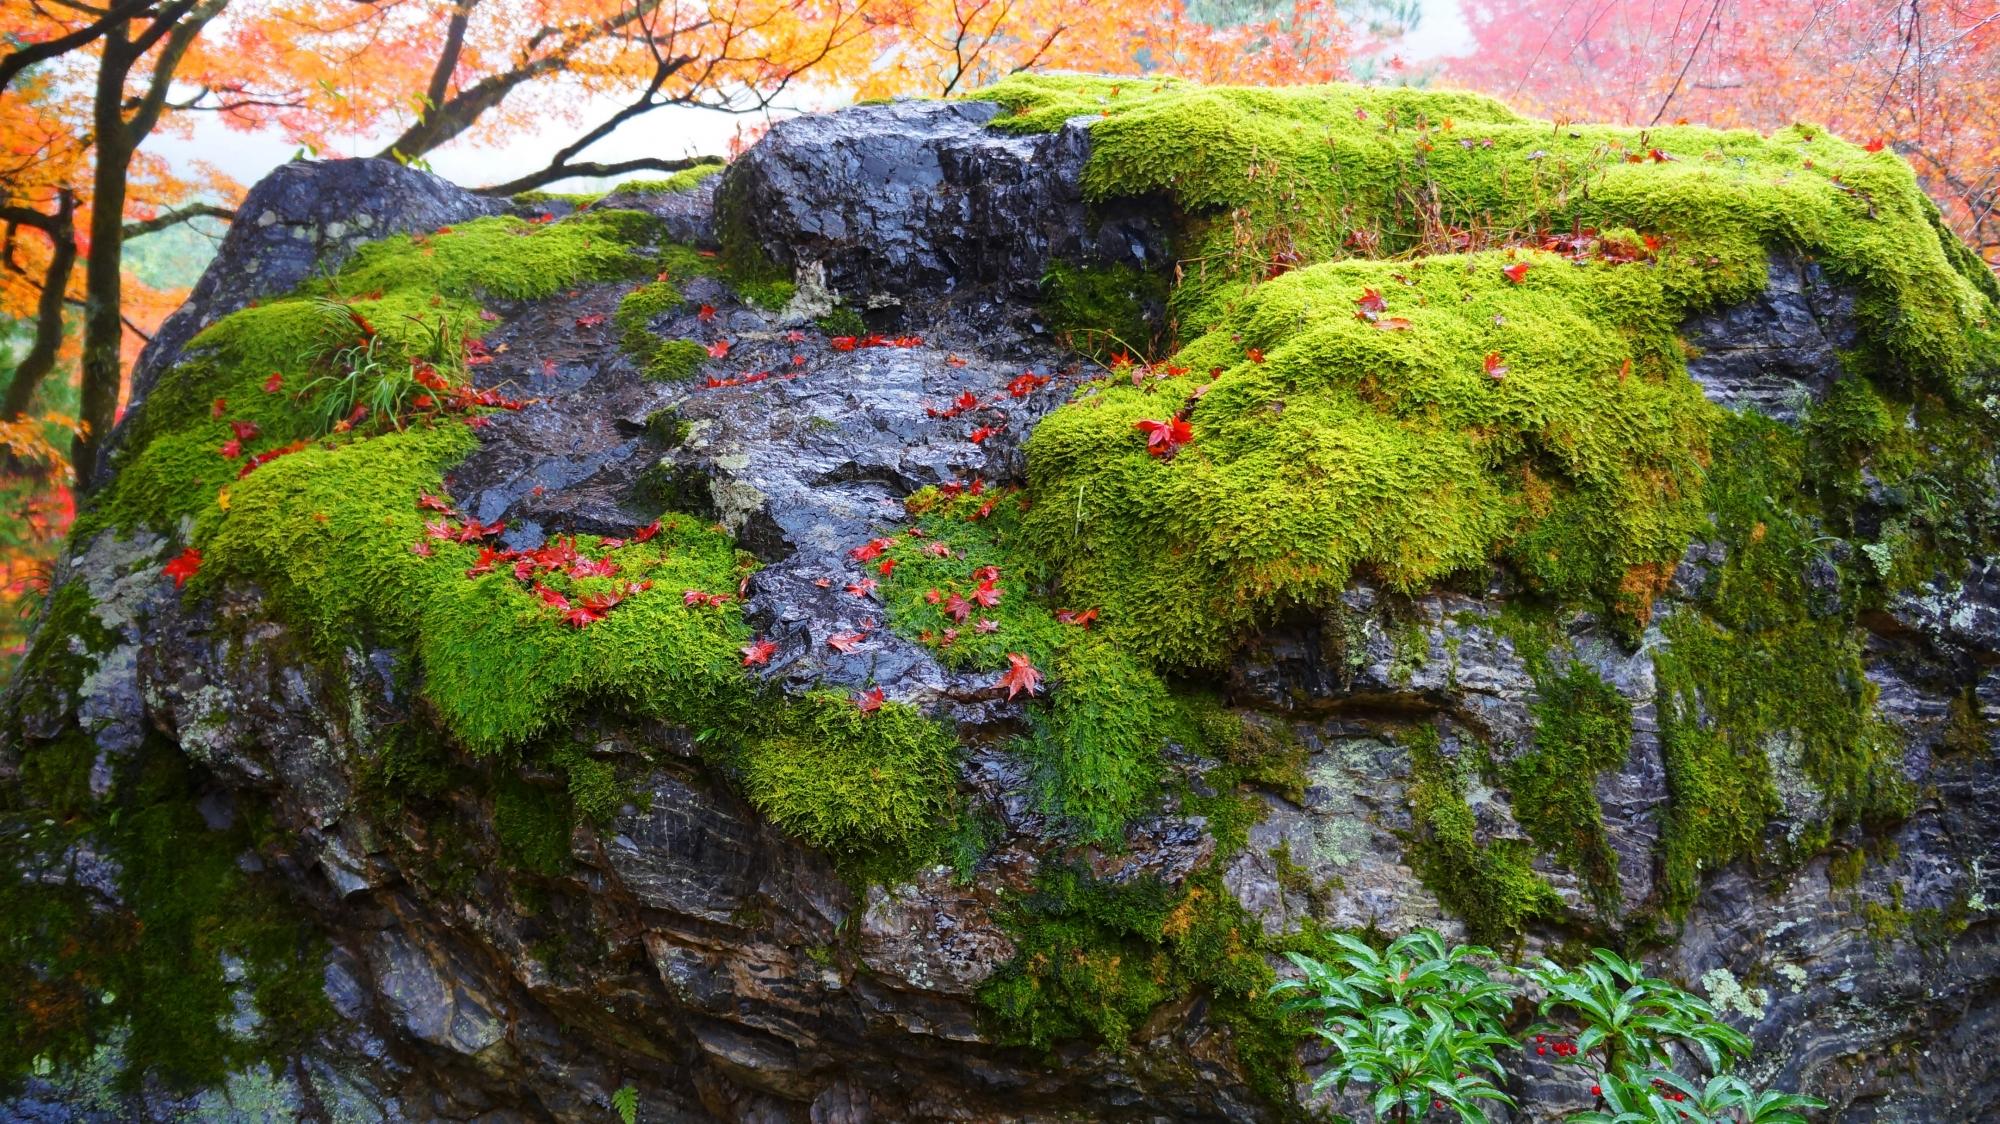 風流な碧岩の苔と赤い散紅葉